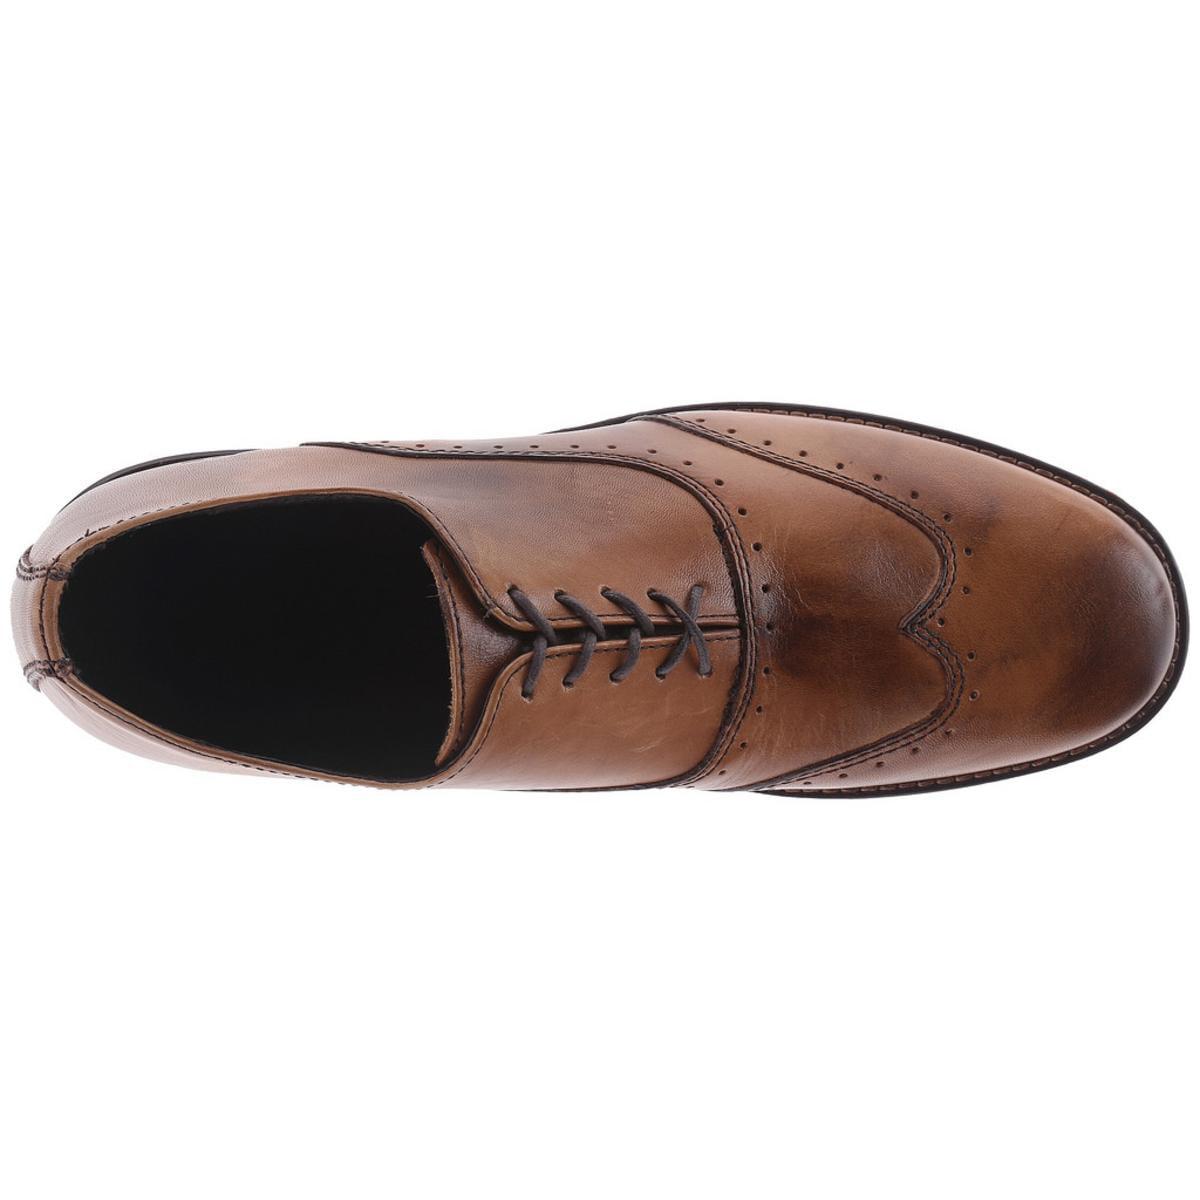 Bed Stu Men's George Tan Glove Oxford